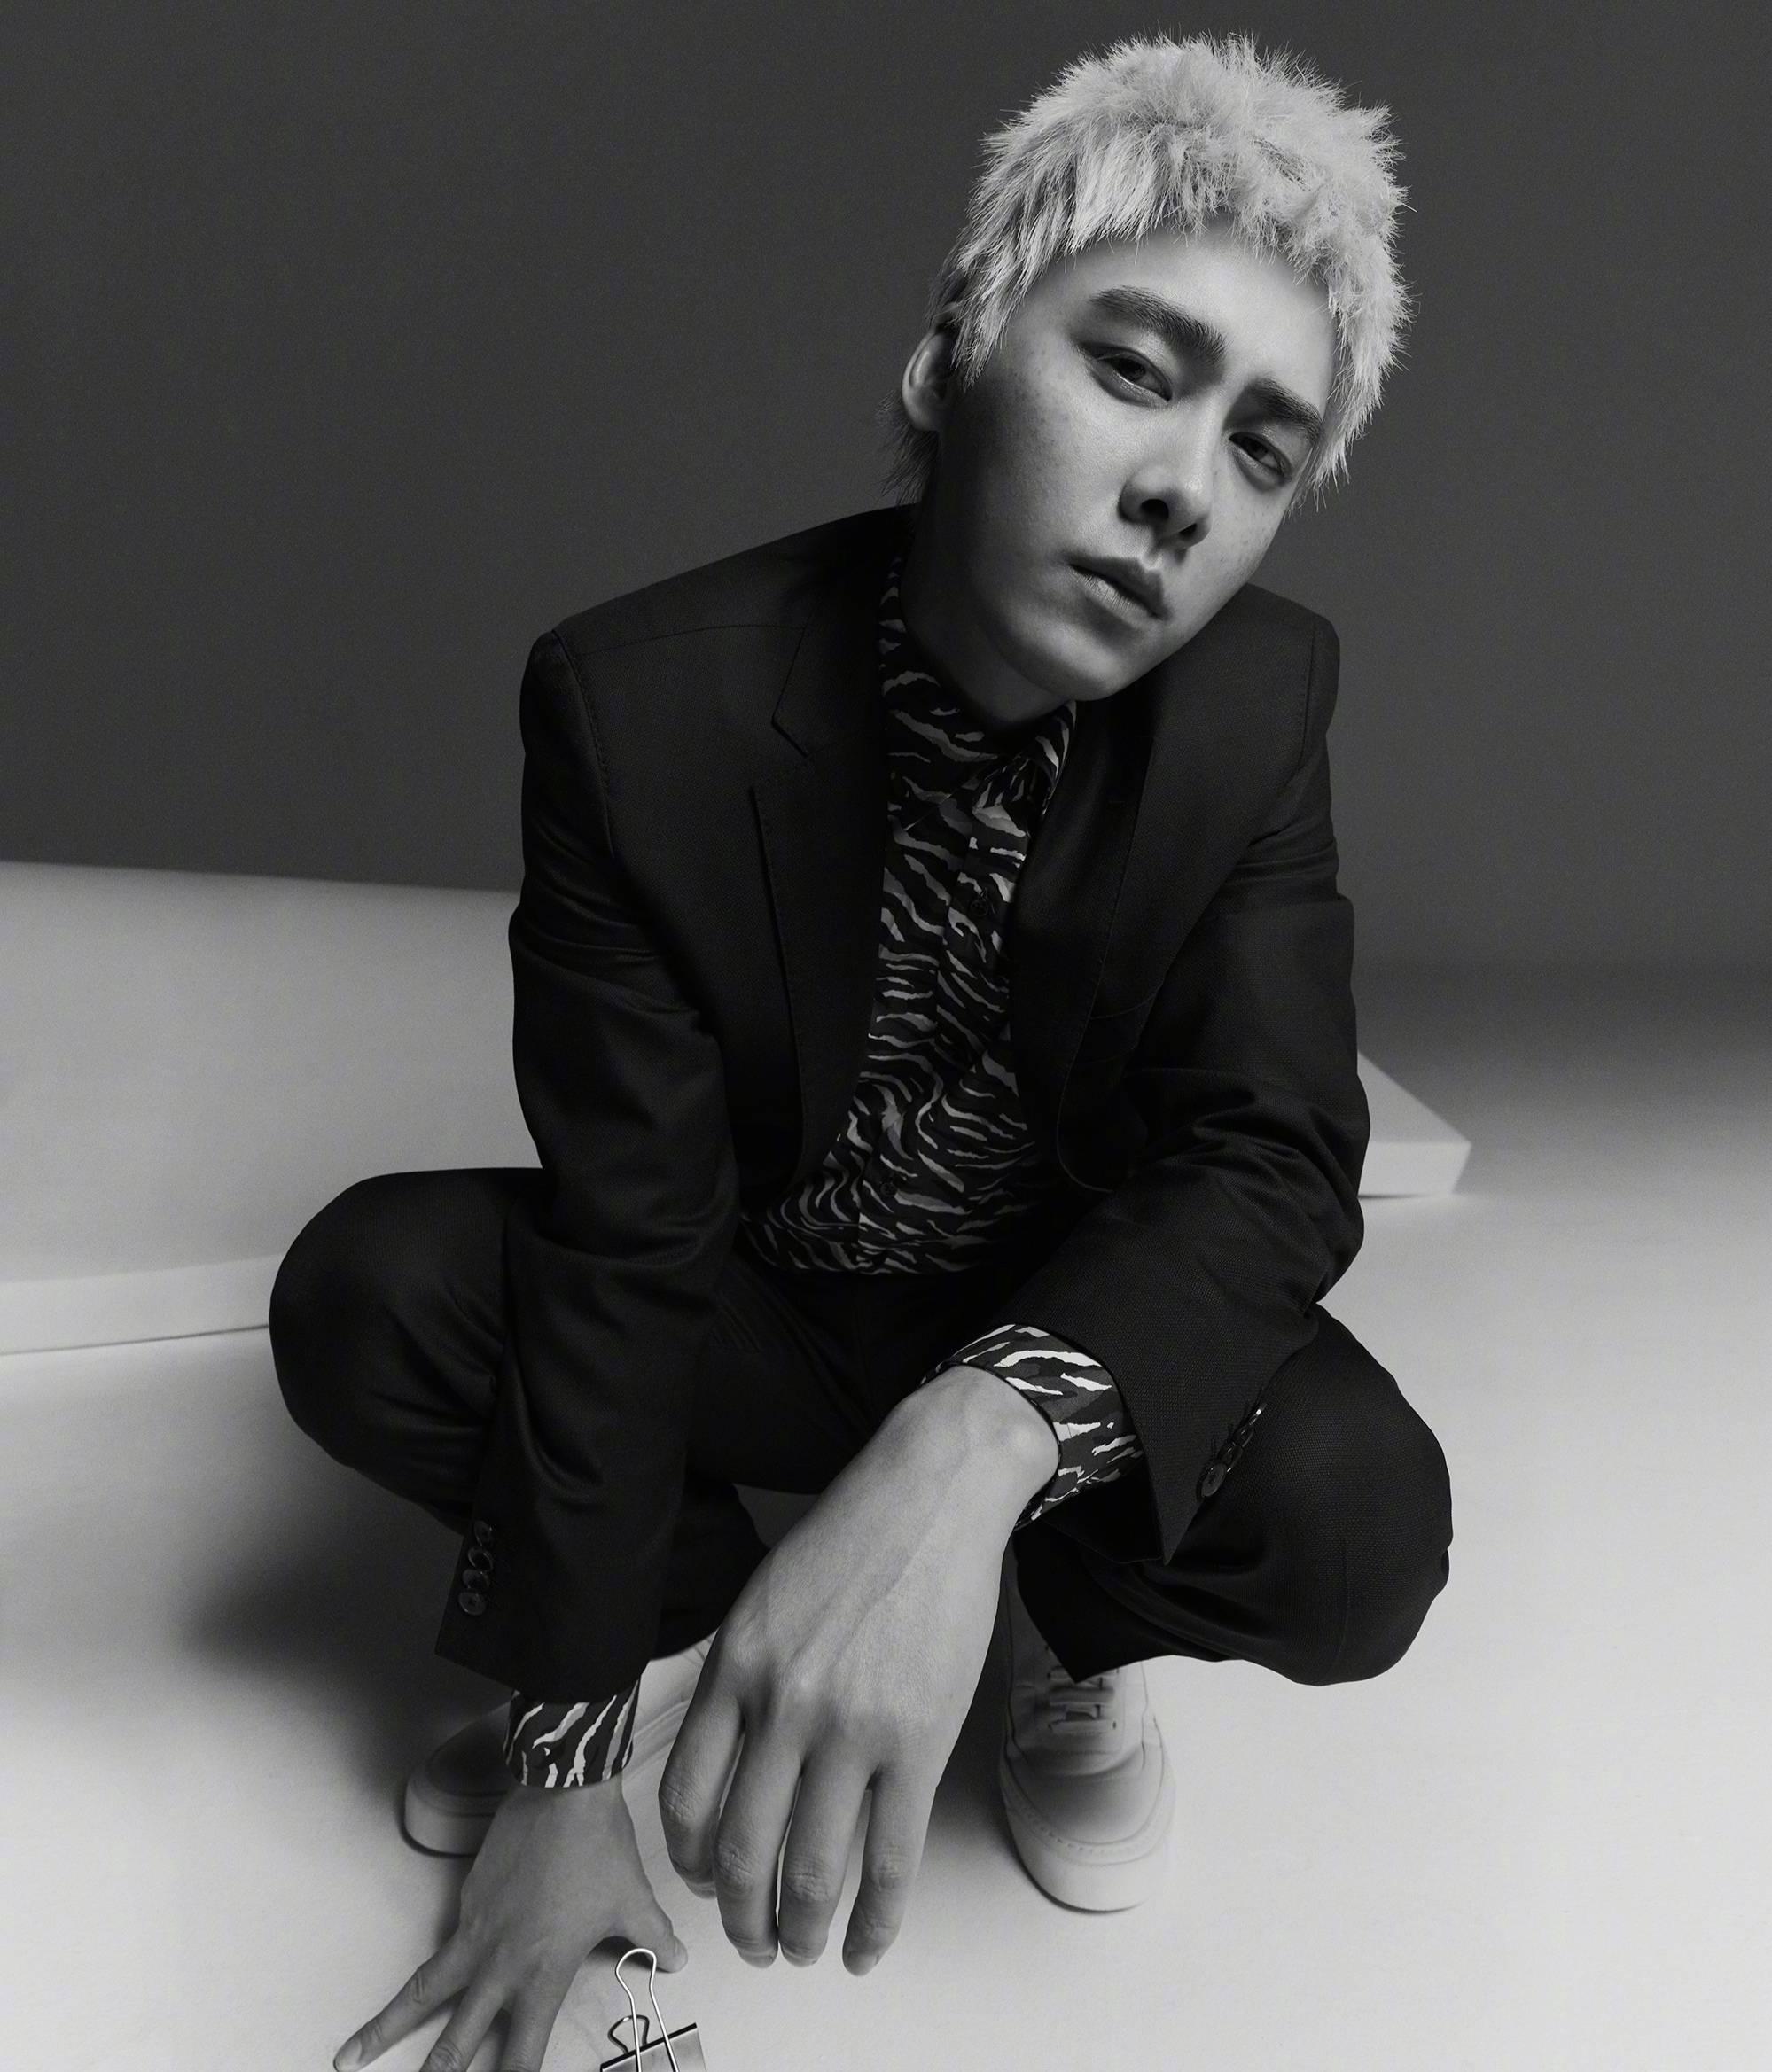 李易峰最新时尚大片,银发配雀斑妆容,变身漫撕男忧郁气质十足